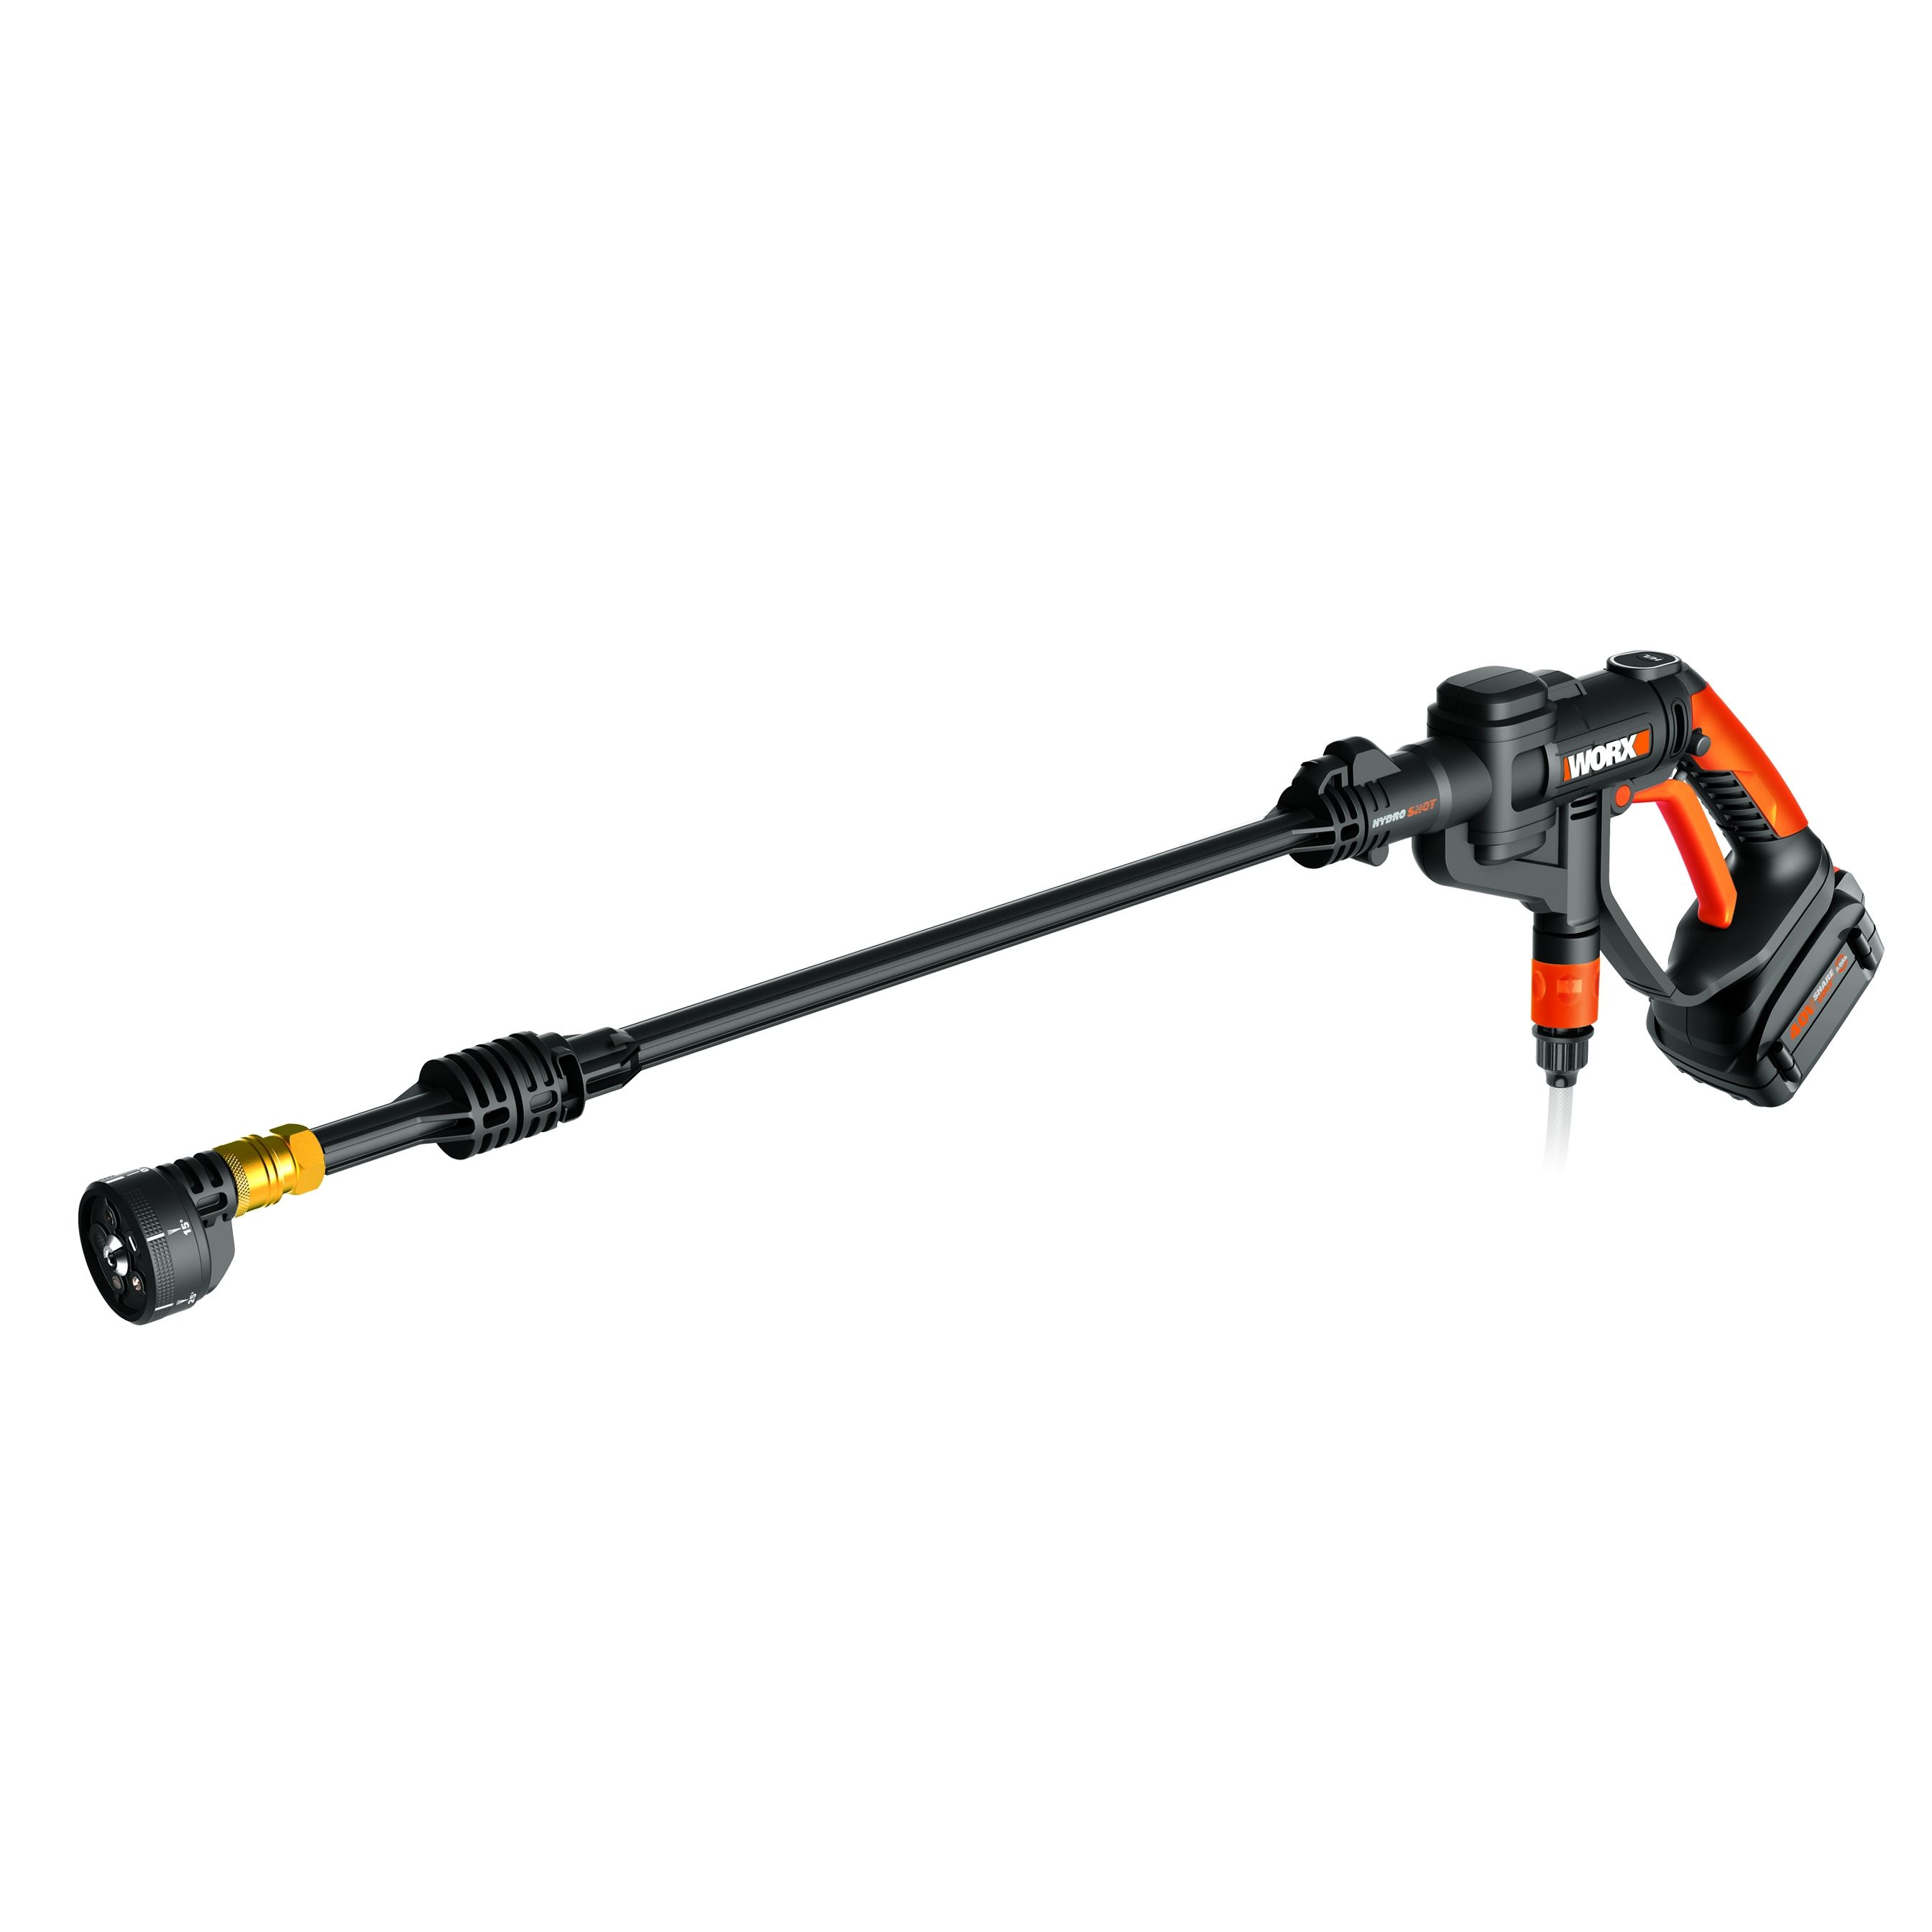 40v hydroshot portable power cleaner wg640 worx wishlist